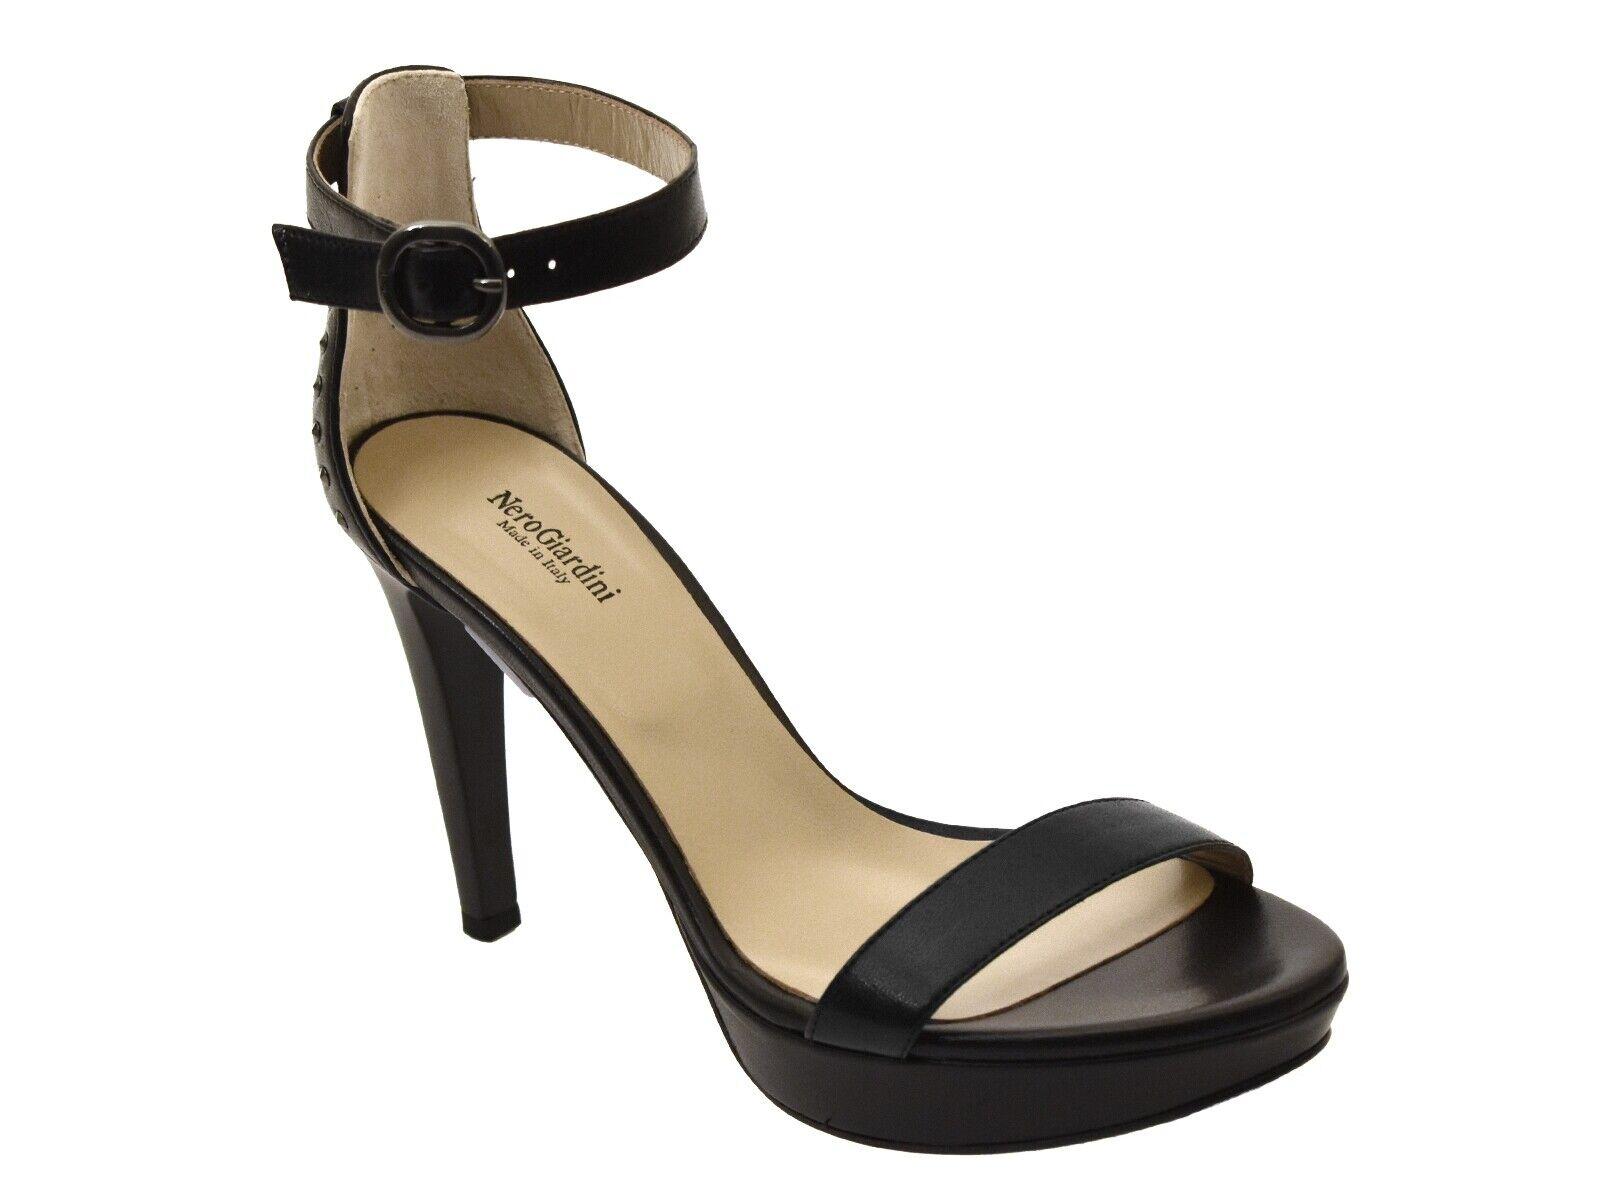 SANDALI femmes noir GIARDINI ESTATE P806050DE 100  GLAMOUR noir